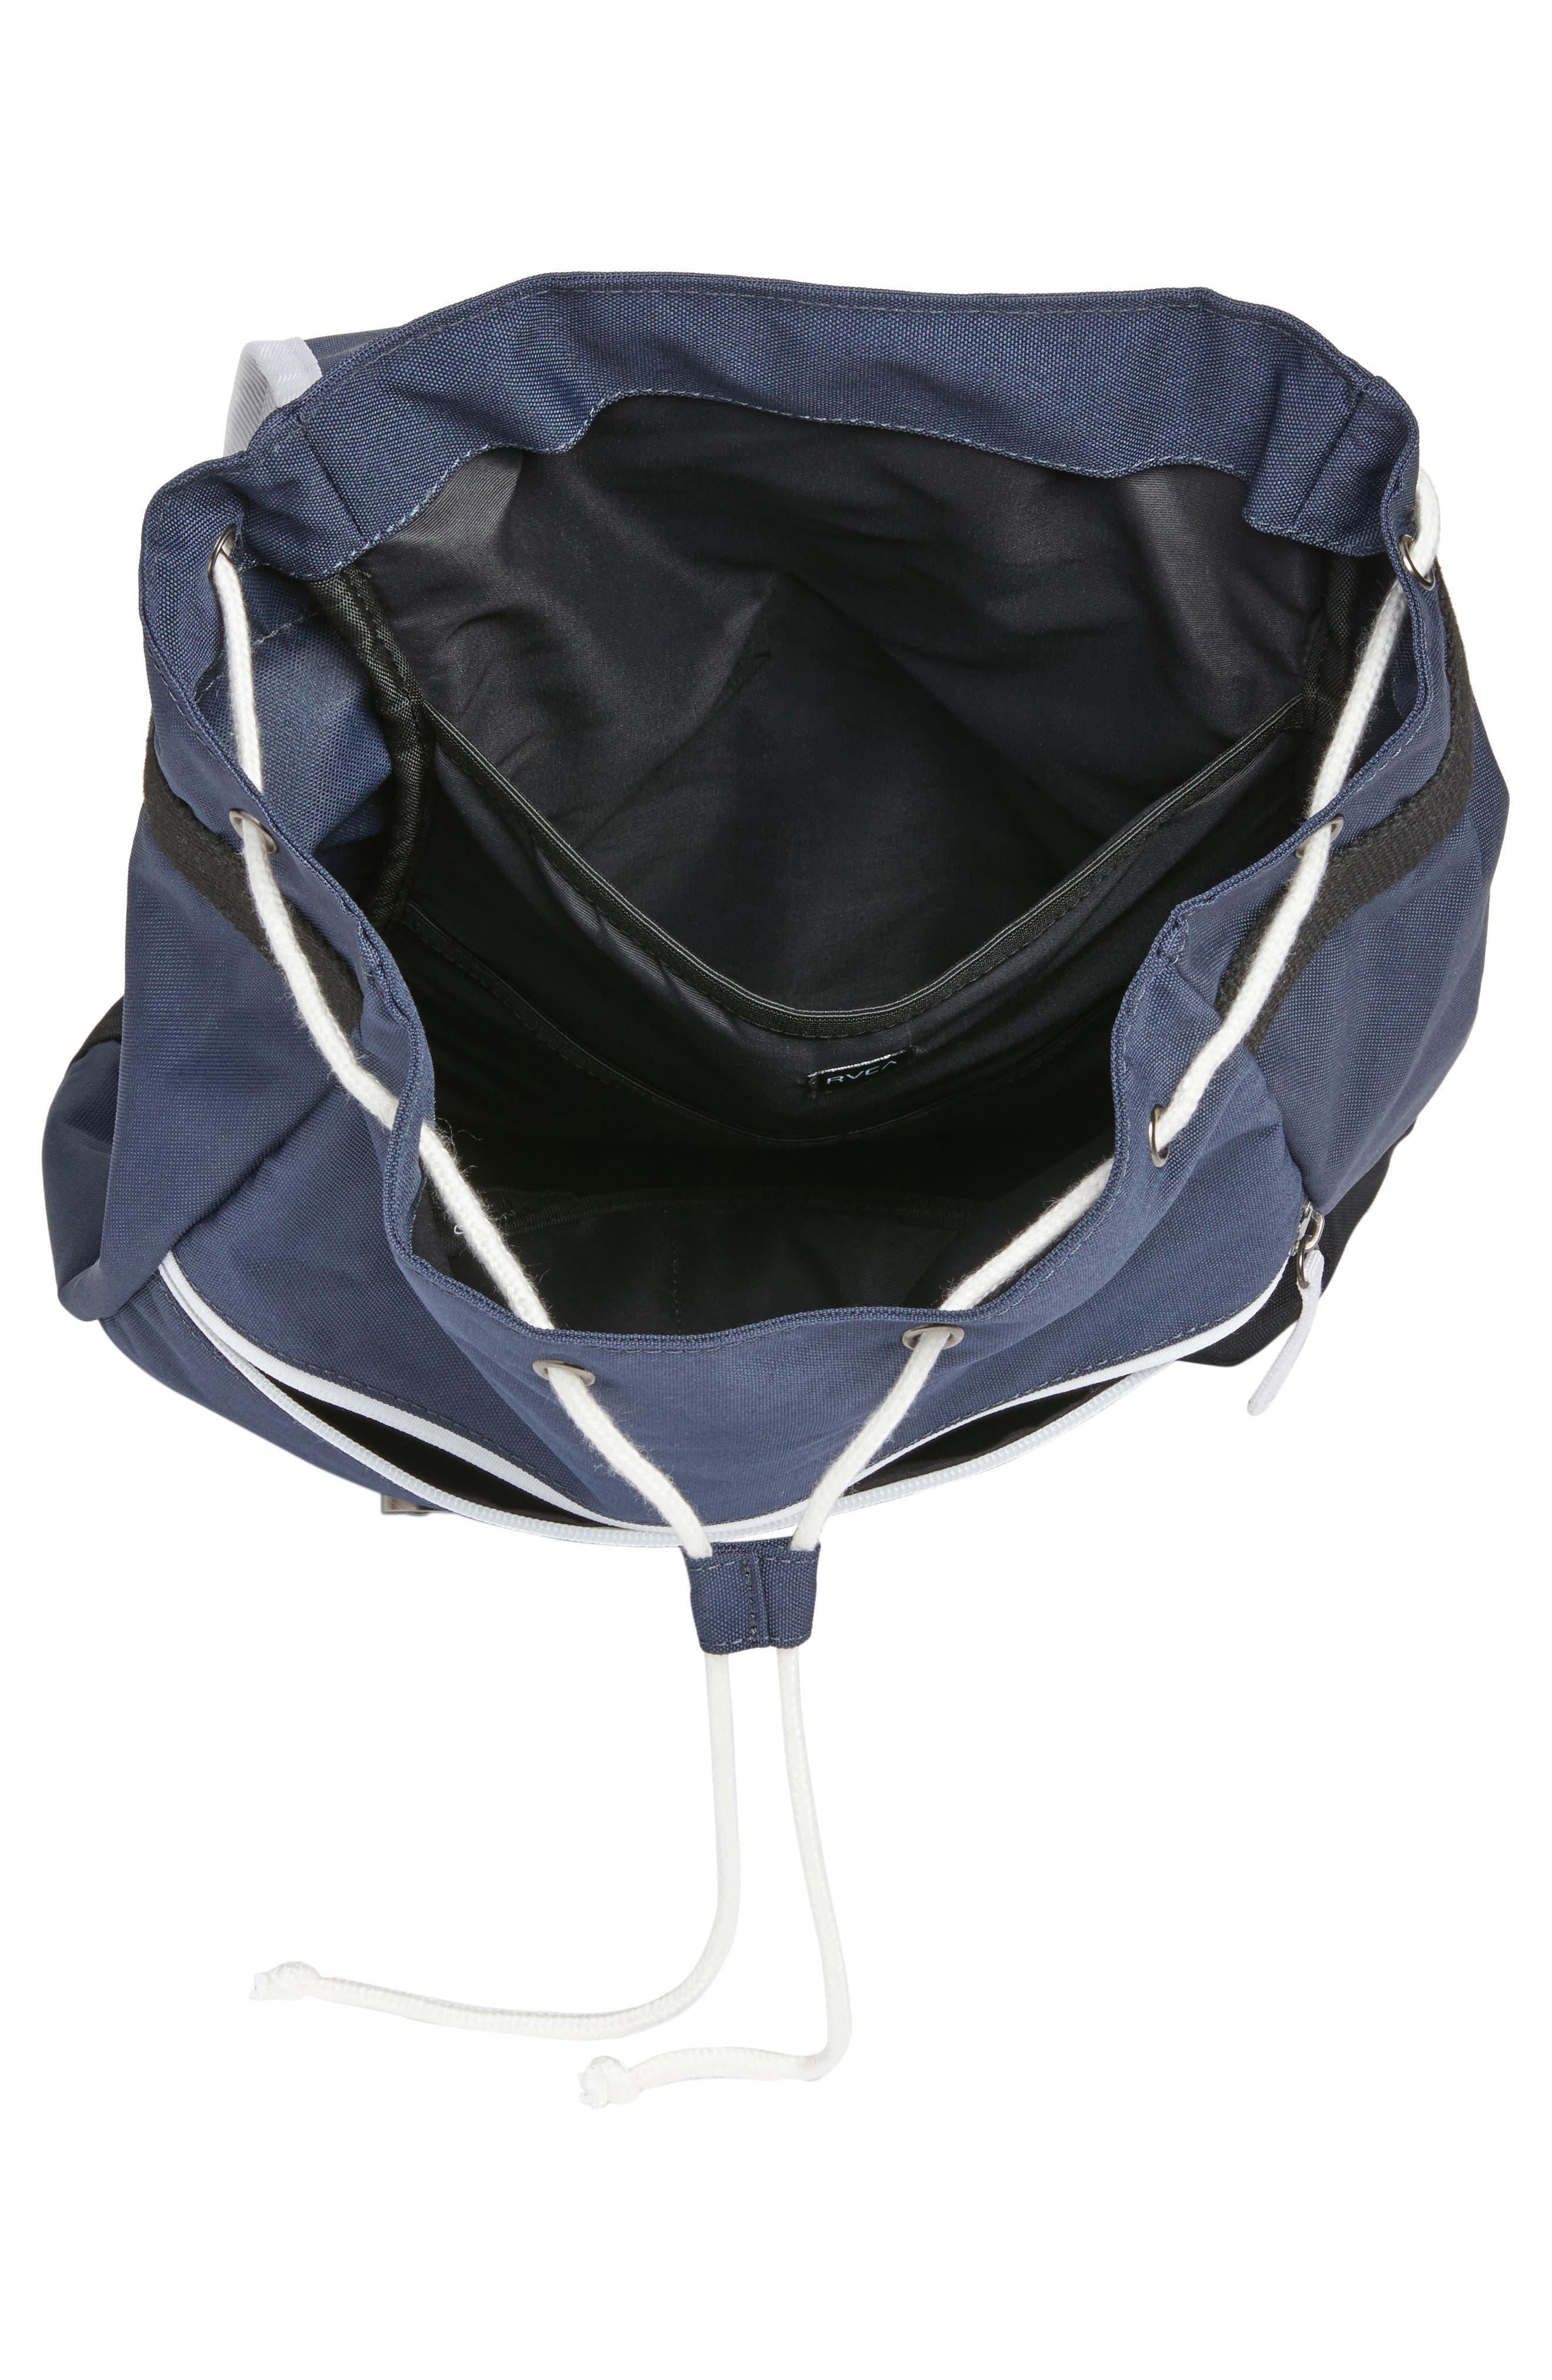 Dazed Backpack,                             Alternate thumbnail 4, color,                             466